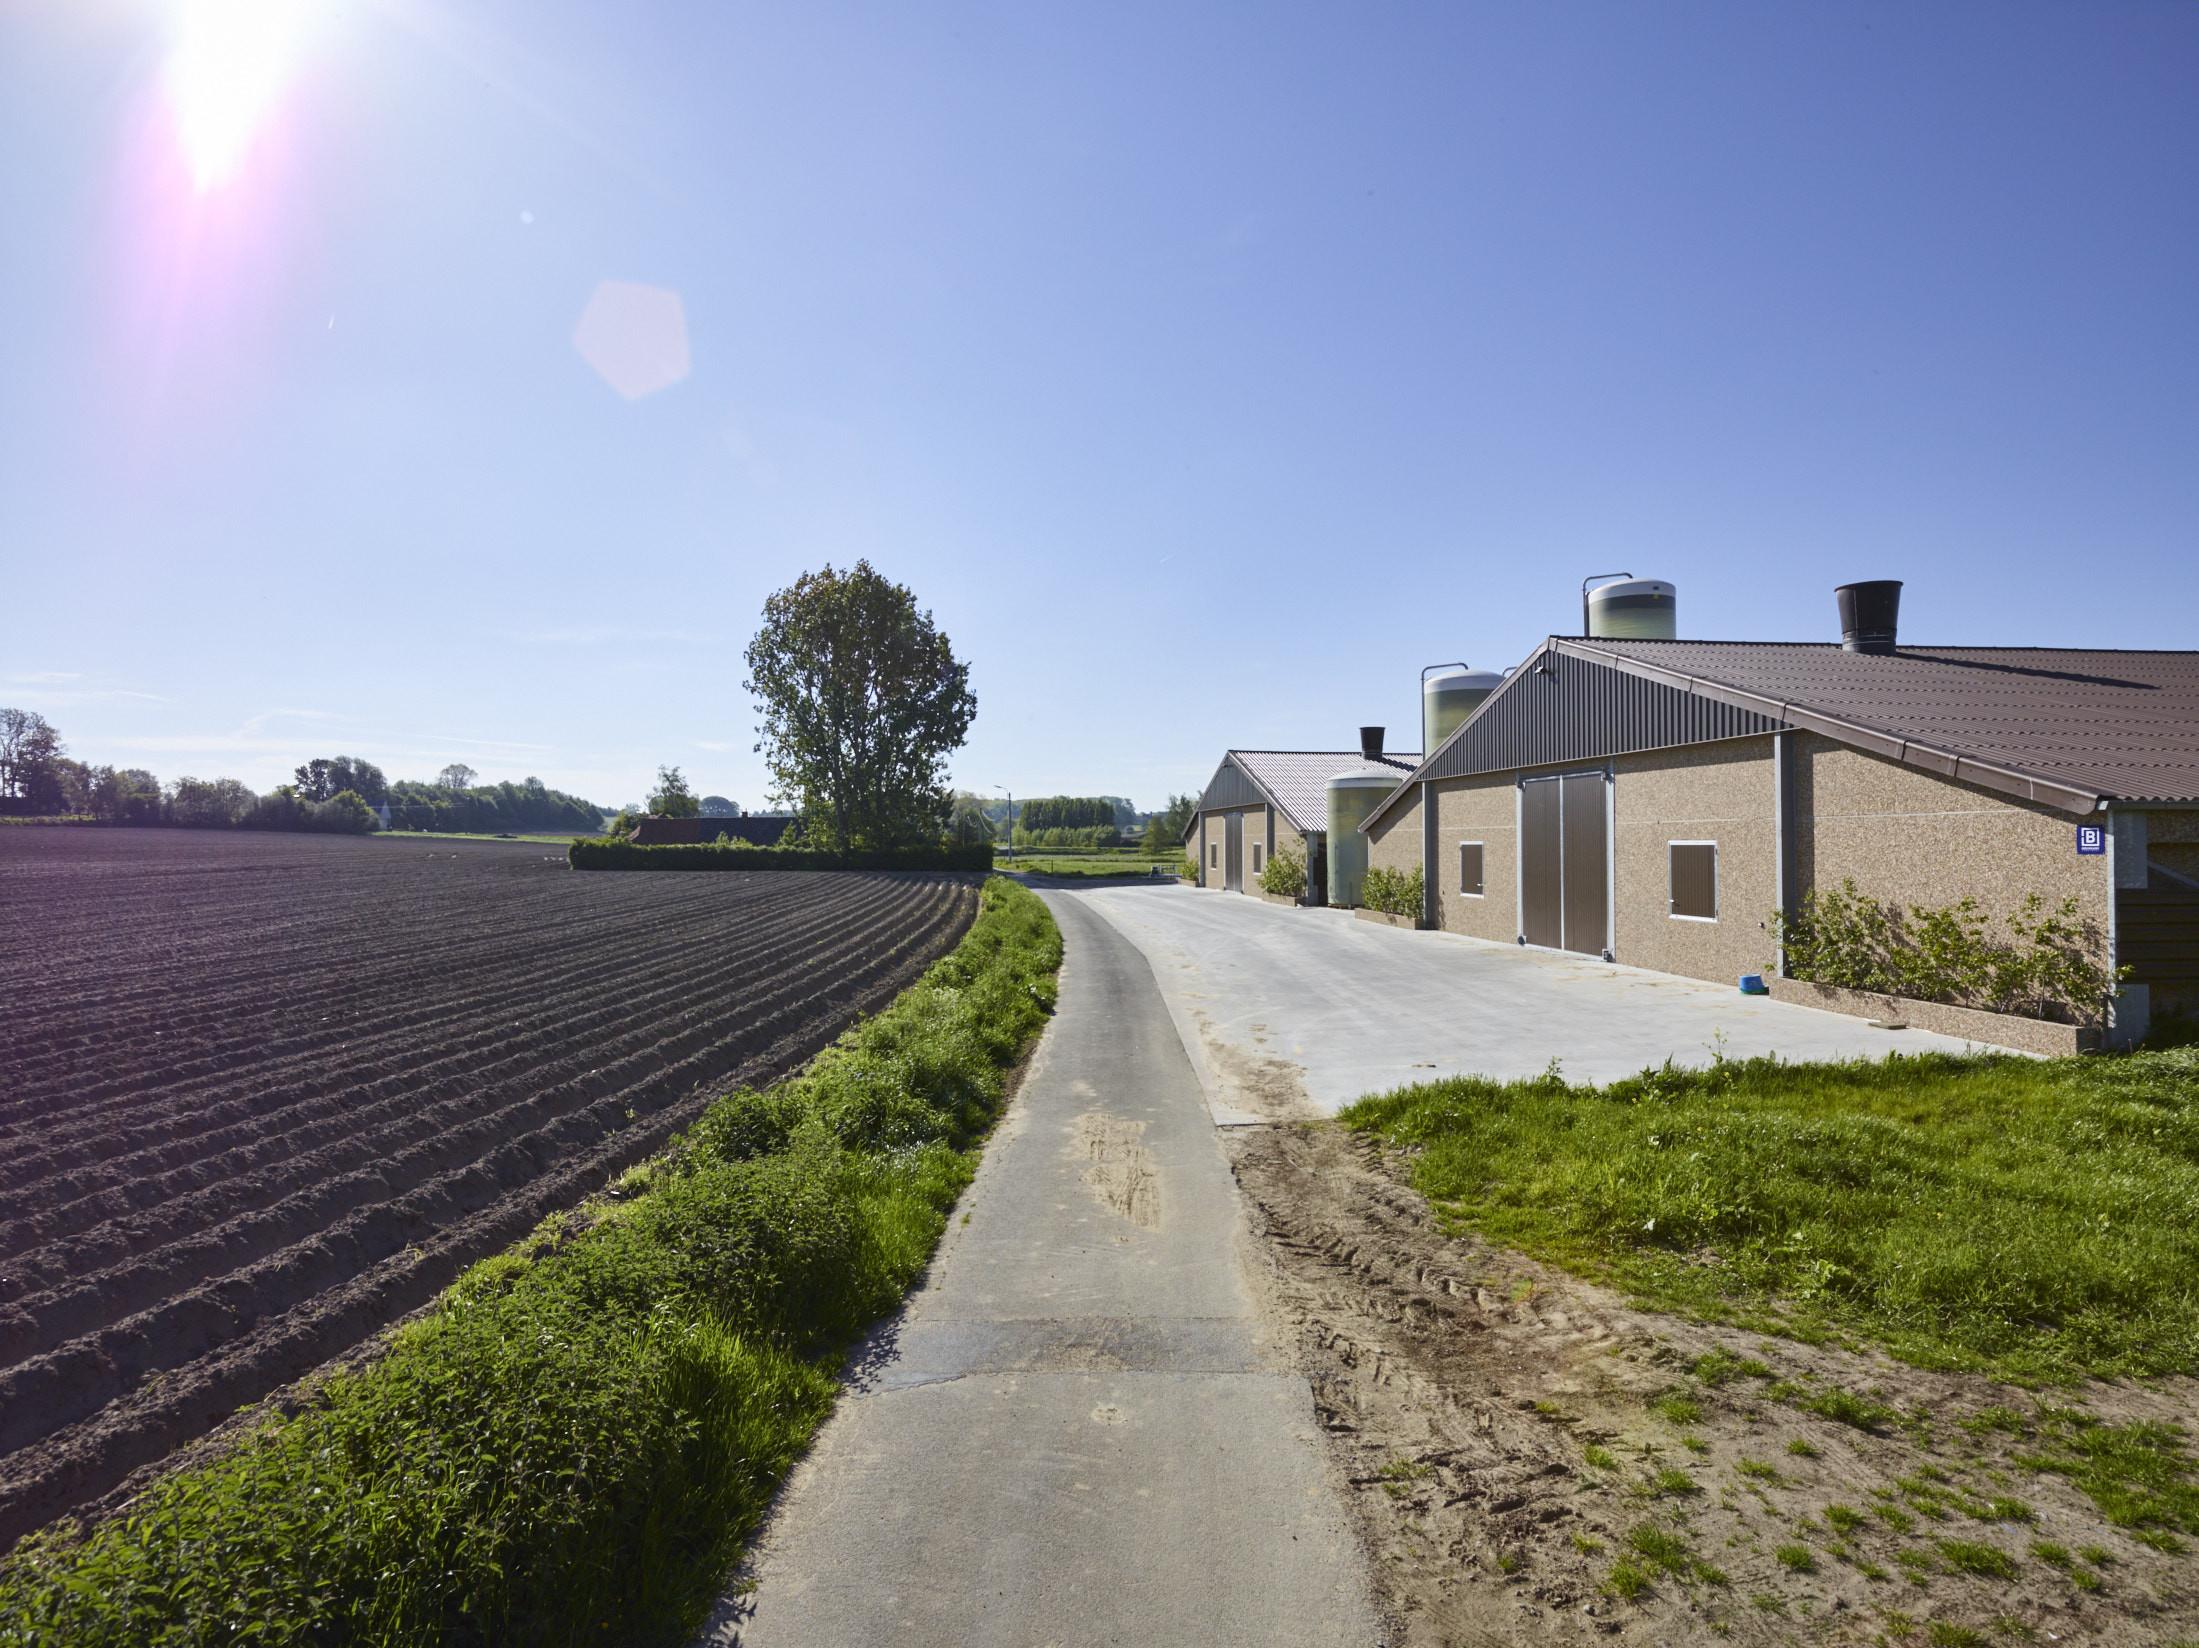 Van driessche. Wortegem-Petegem. Agrobouw. Pluimveestallen. Kippenstallen. Agrarische gebouwen